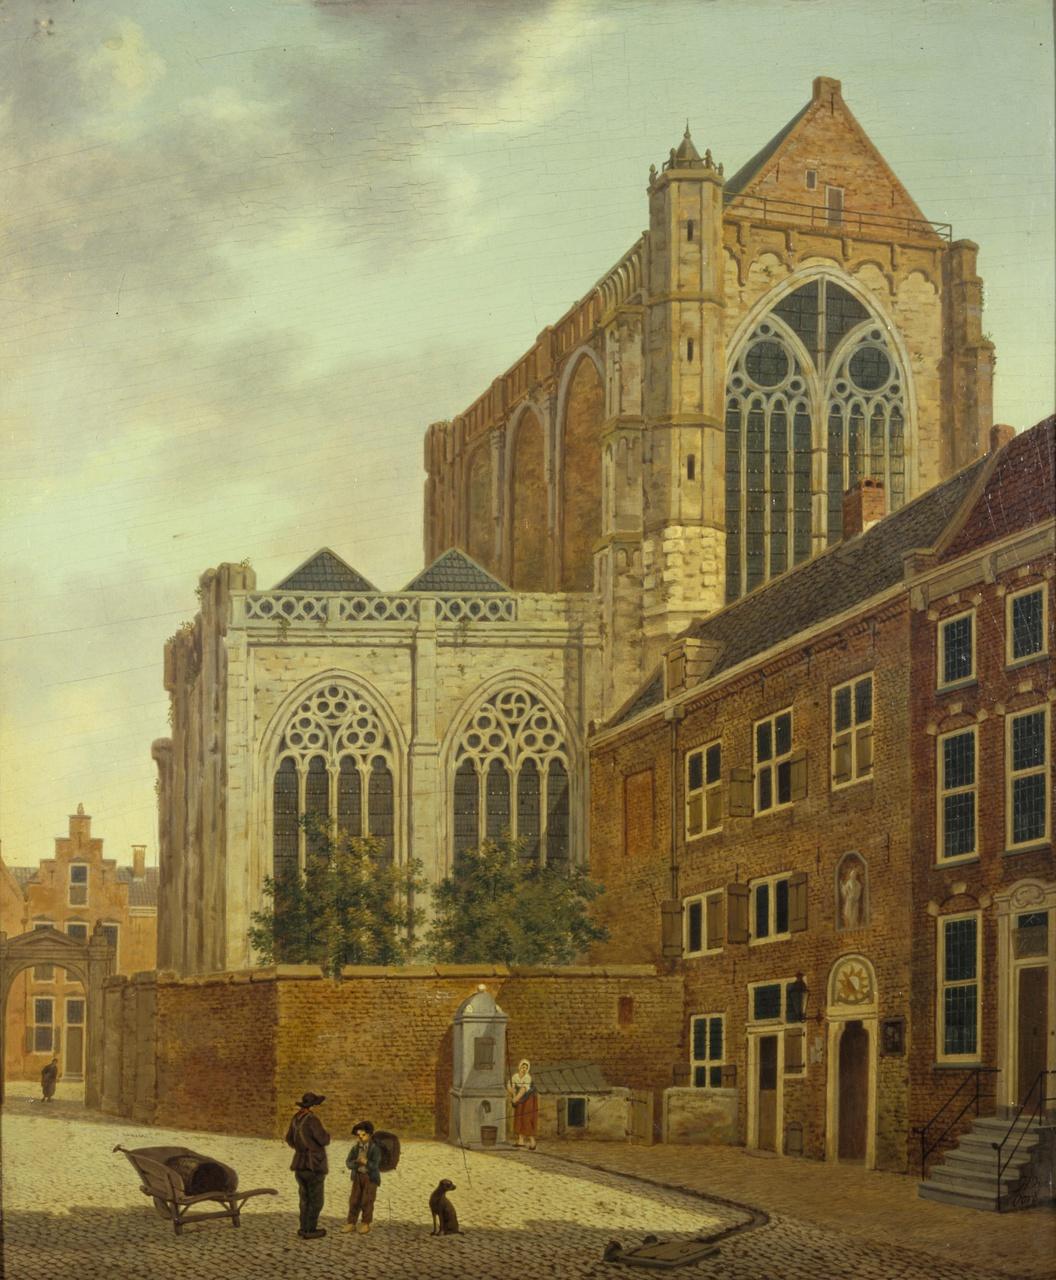 Het Munsterkerkhof met omgeving in Utrecht